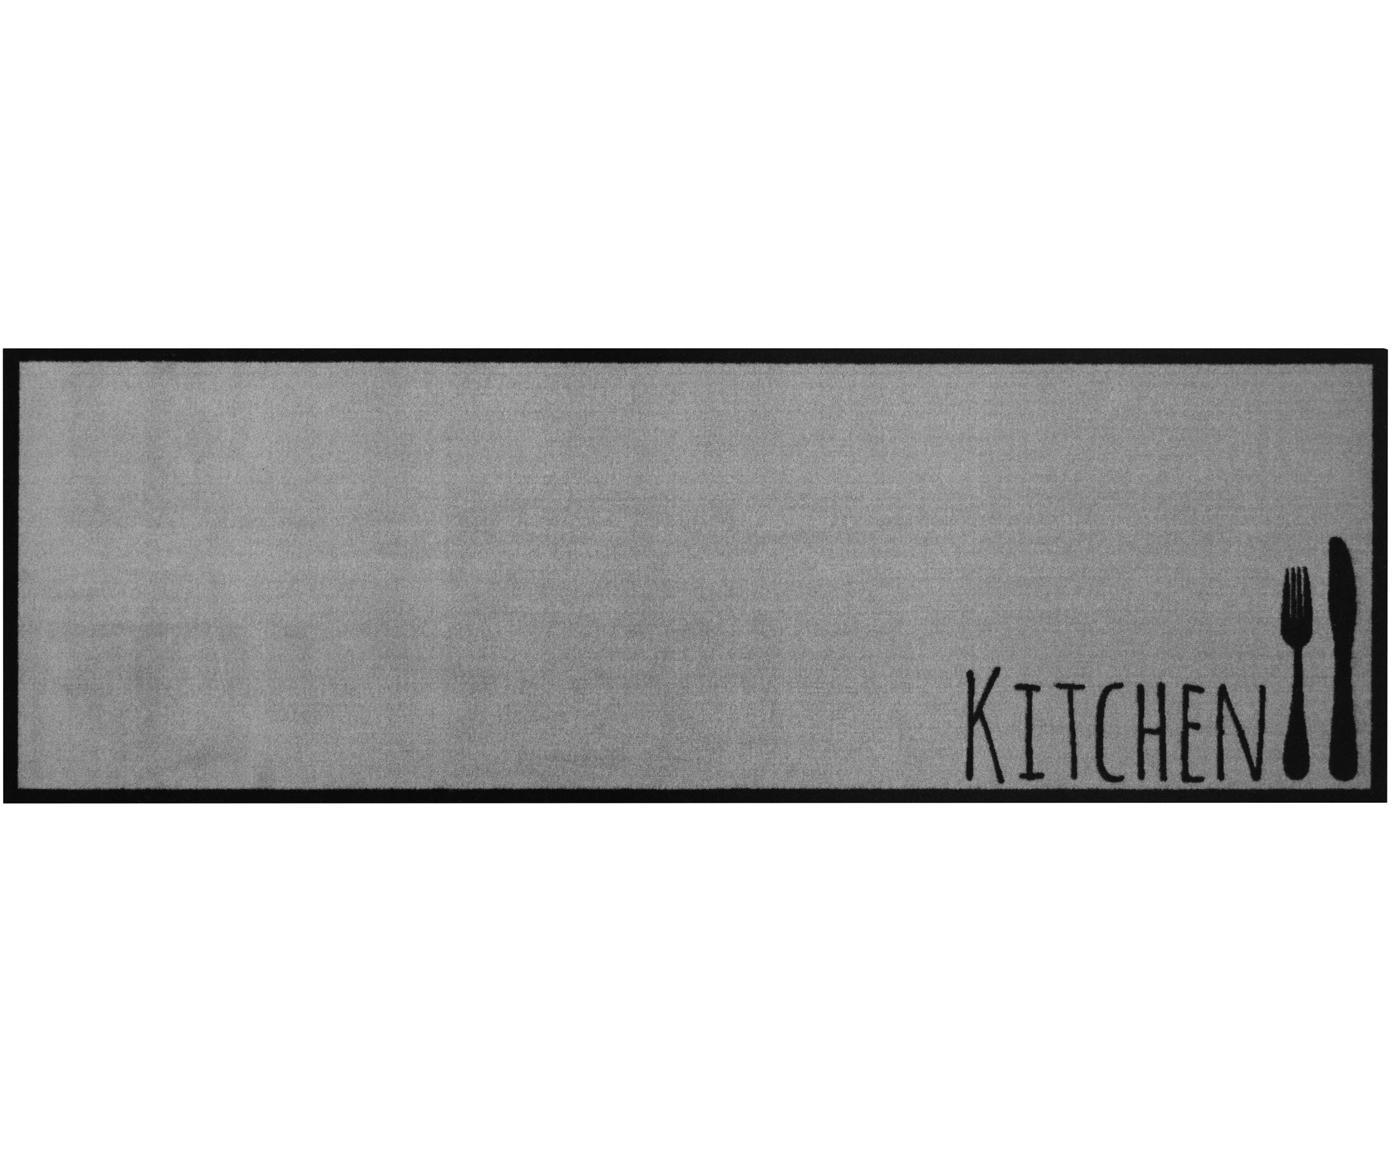 Küchenläufer Kitchen Cutlery, rutschfest, Oberseite: 100% Polyamid, Unterseite: Gummi, Grau, Schwarz, 50 x 150 cm